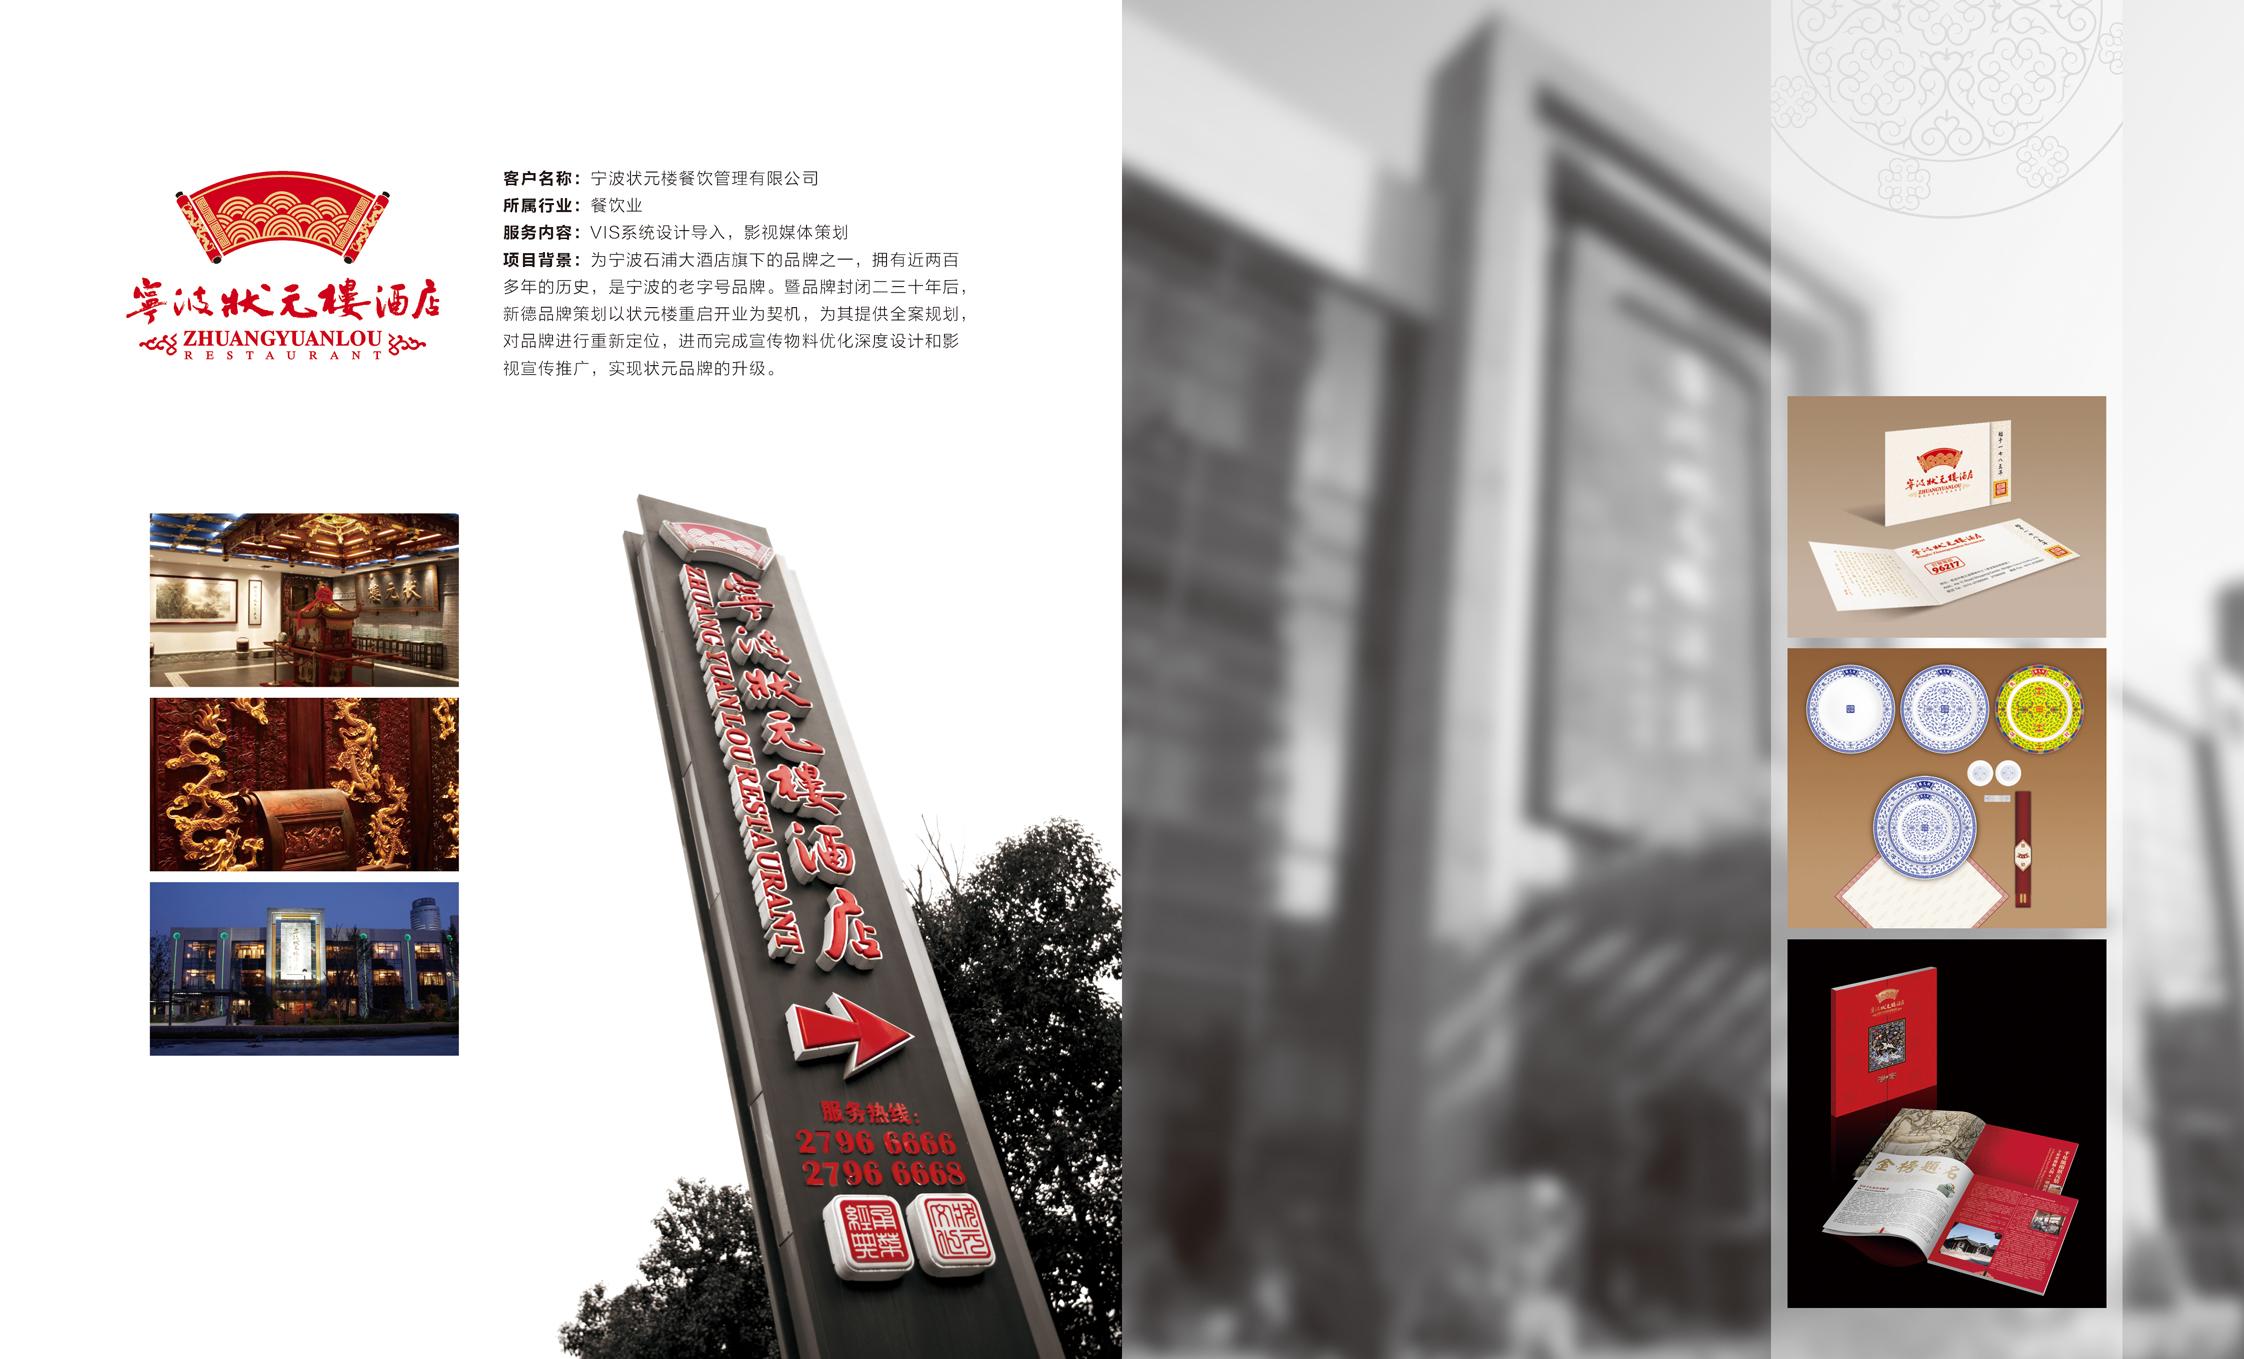 宁波状元楼酒店(百年老店)VIS设计